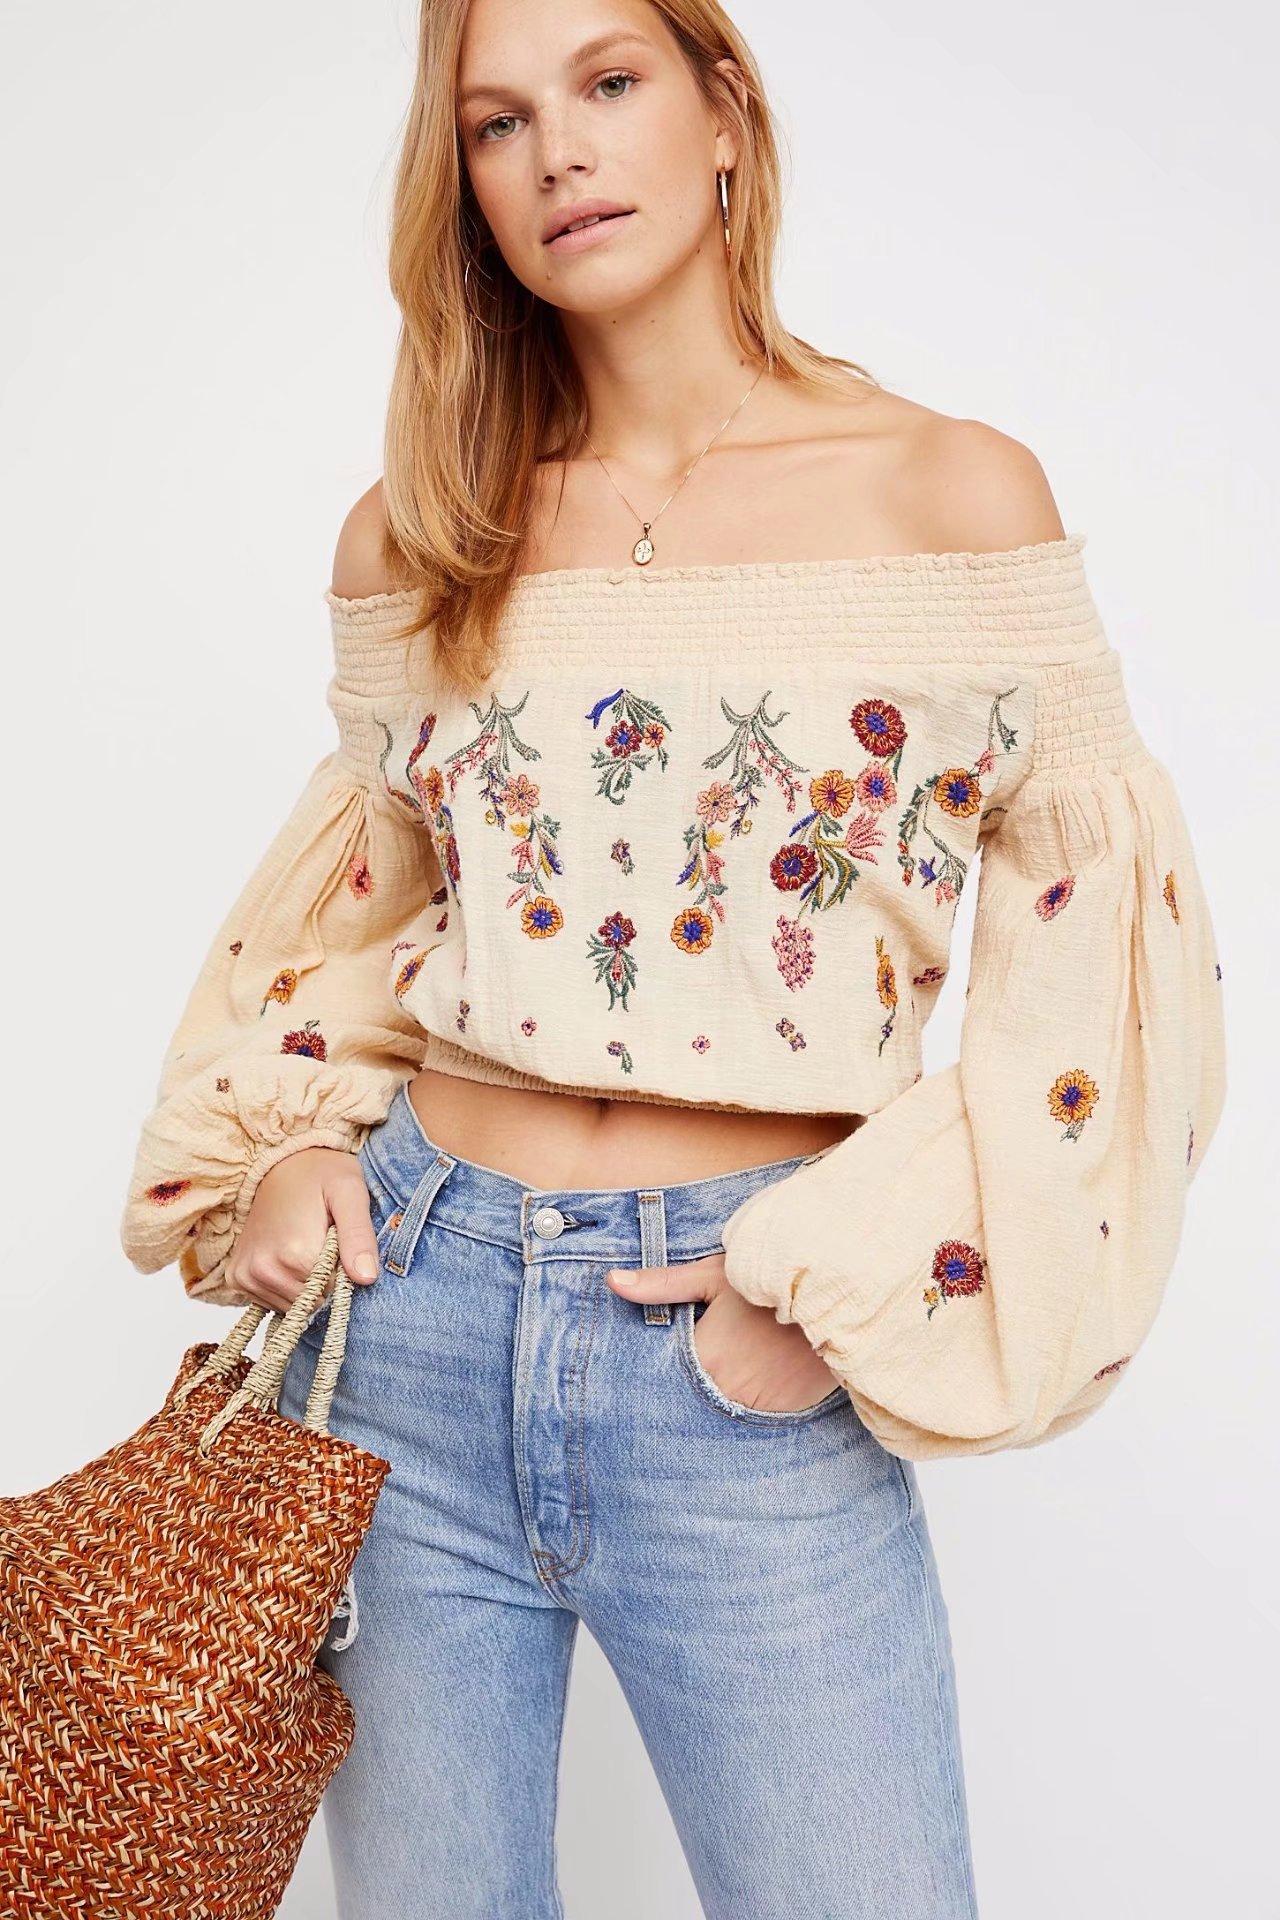 2018 été nouvelle mode Slash cou lanterne manches chemises Floral broderie Boho Blouses femmes vêtements couverture en coton Chic chemise